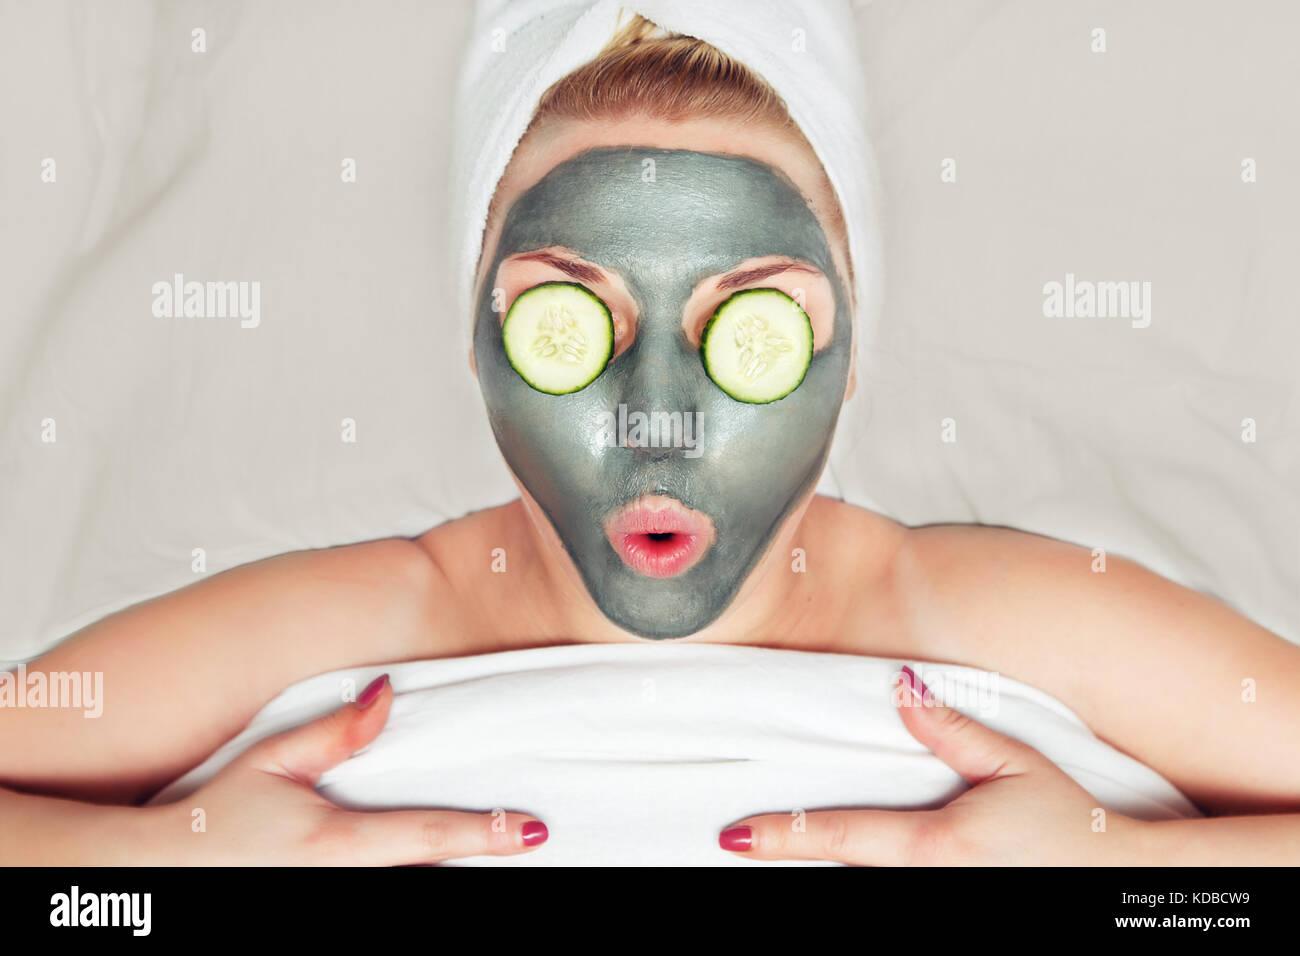 attraktive lustige frau mit einem clay mask auf ihrem gesicht das konzept von wellness und. Black Bedroom Furniture Sets. Home Design Ideas